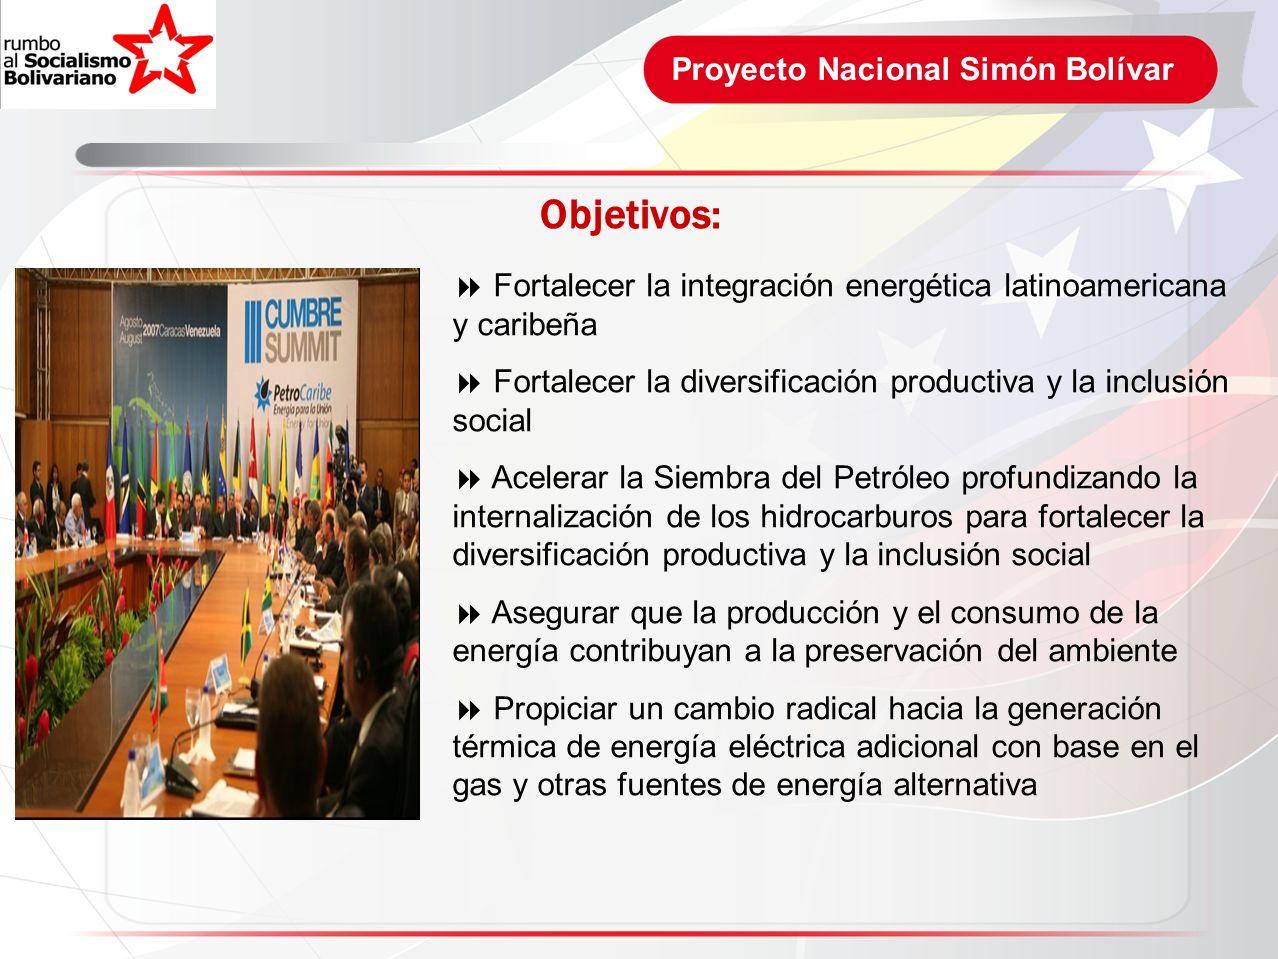 Proyecto Nacional Simón Bolívar Objetivos: Fortalecer la integración energética latinoamericana y caribeña Fortalecer la diversificación productiva y